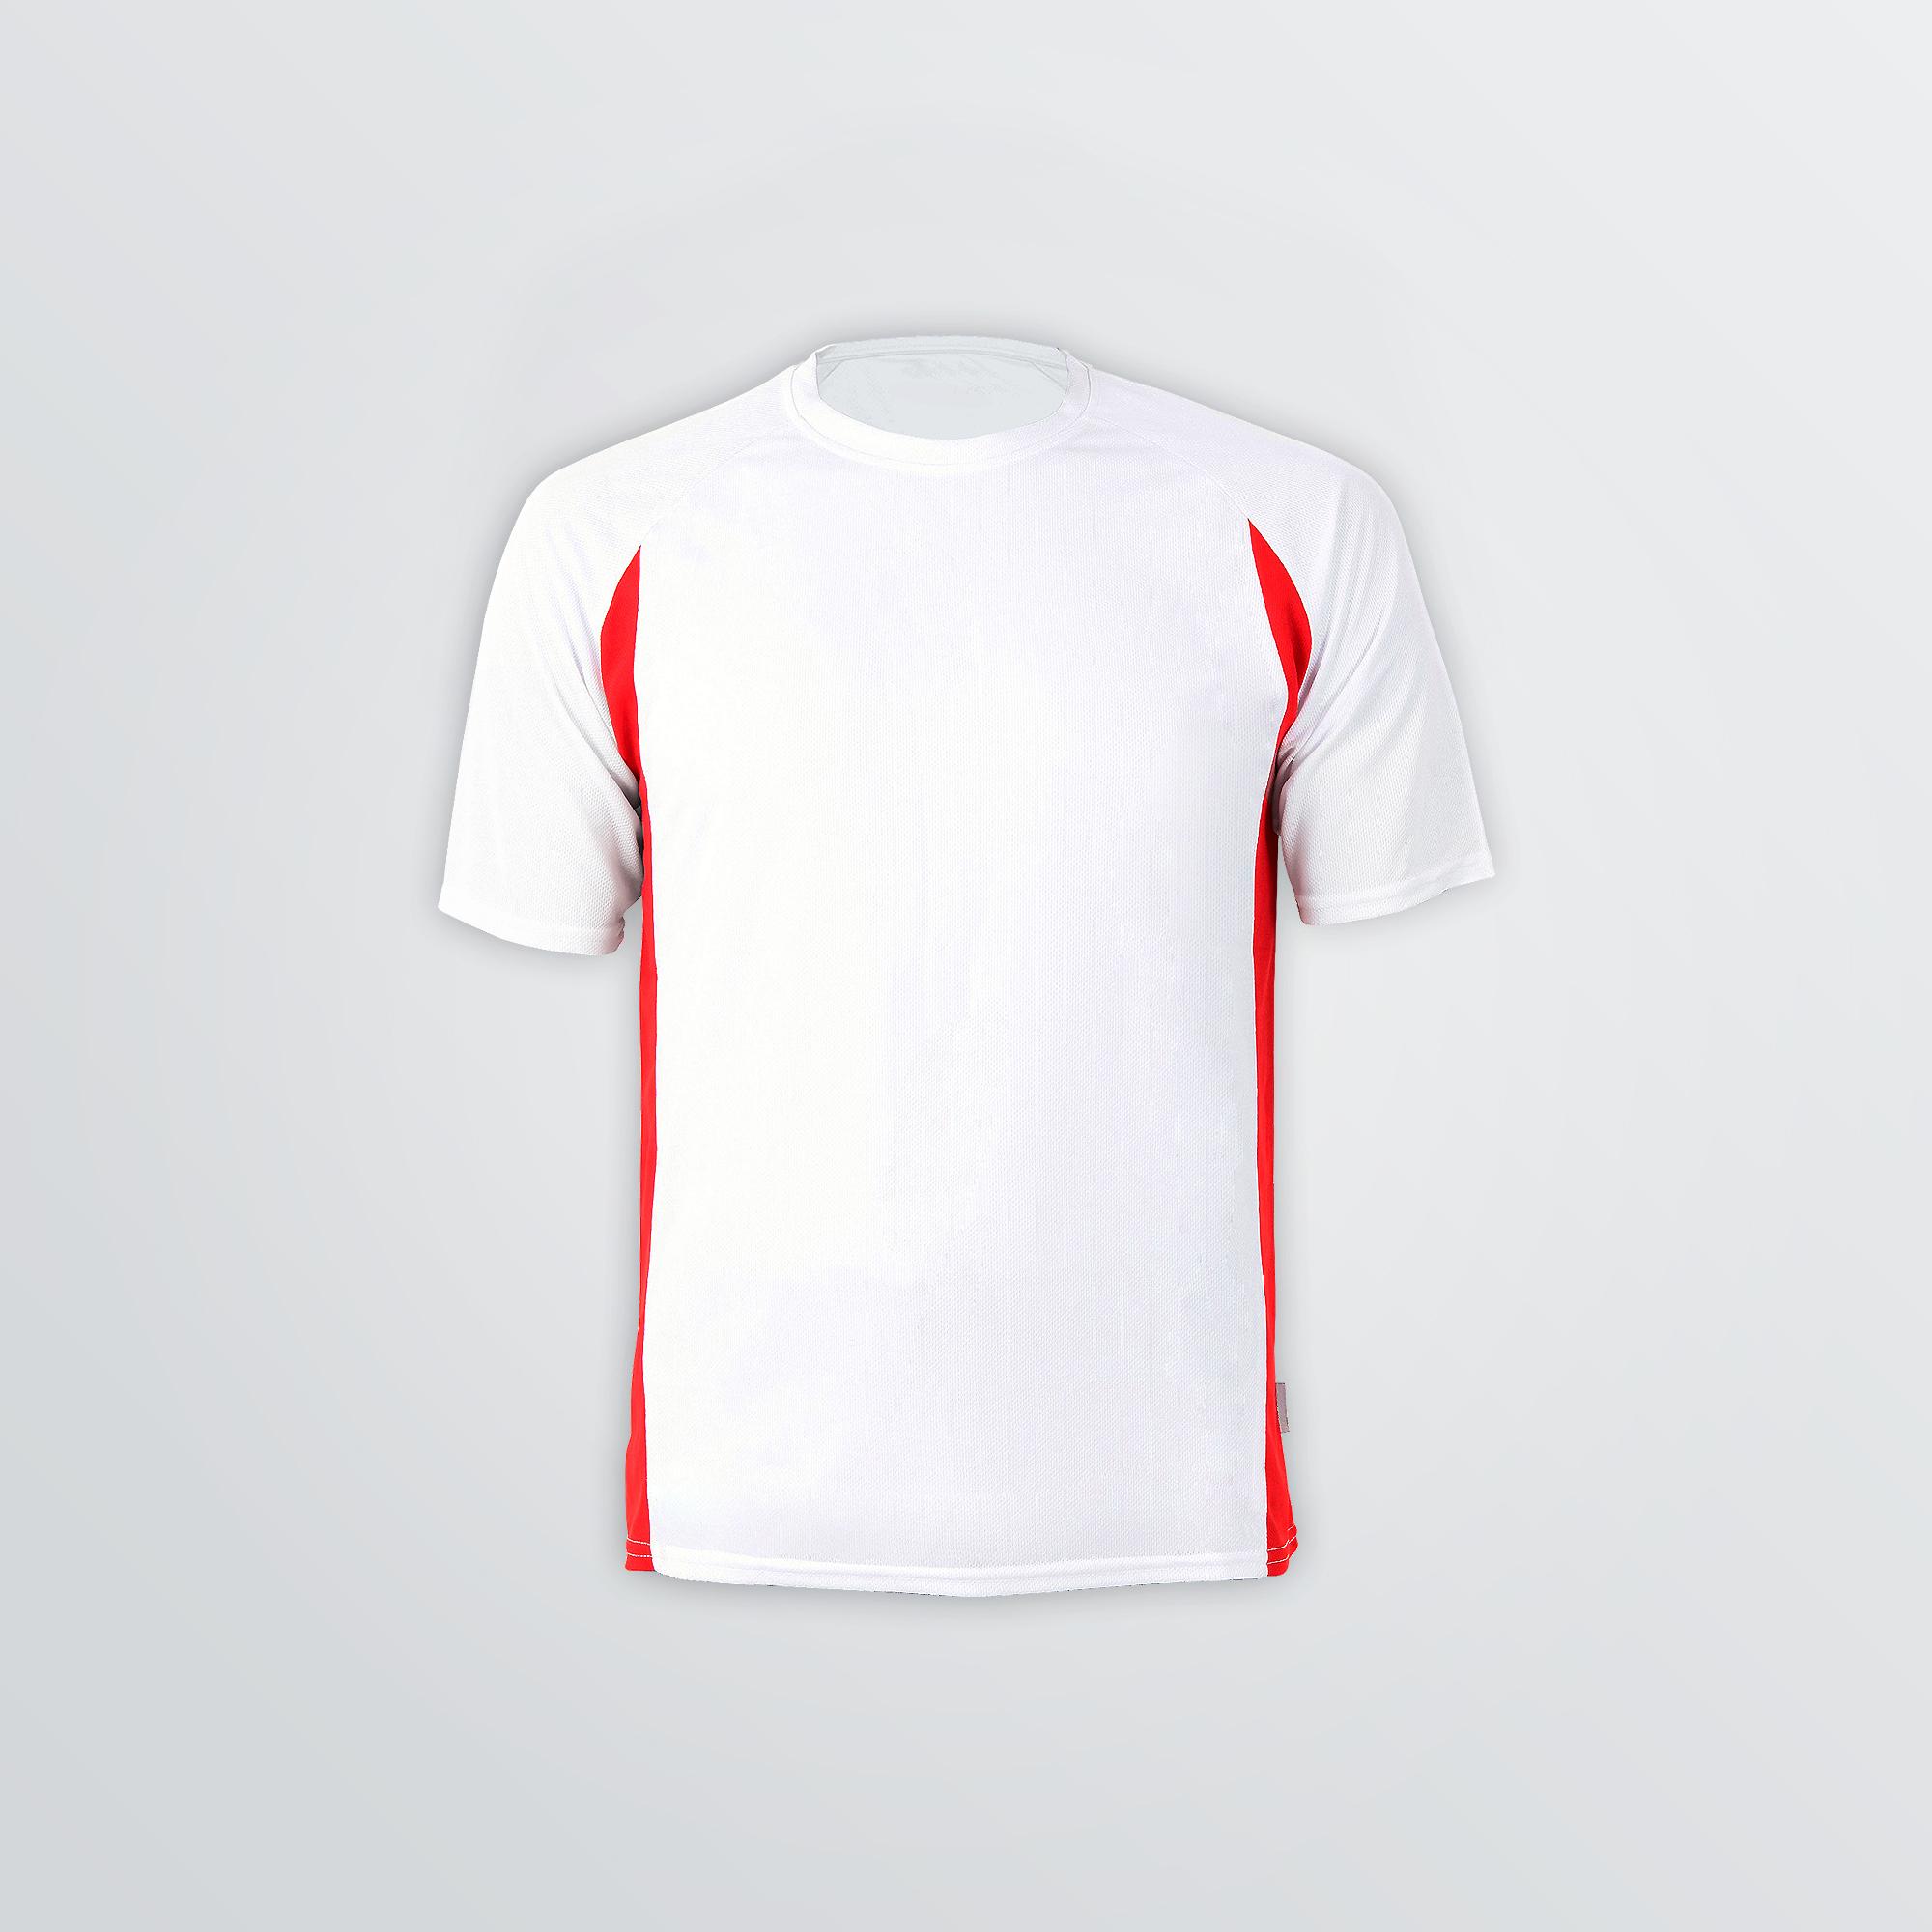 Racer_Tech_Shirt